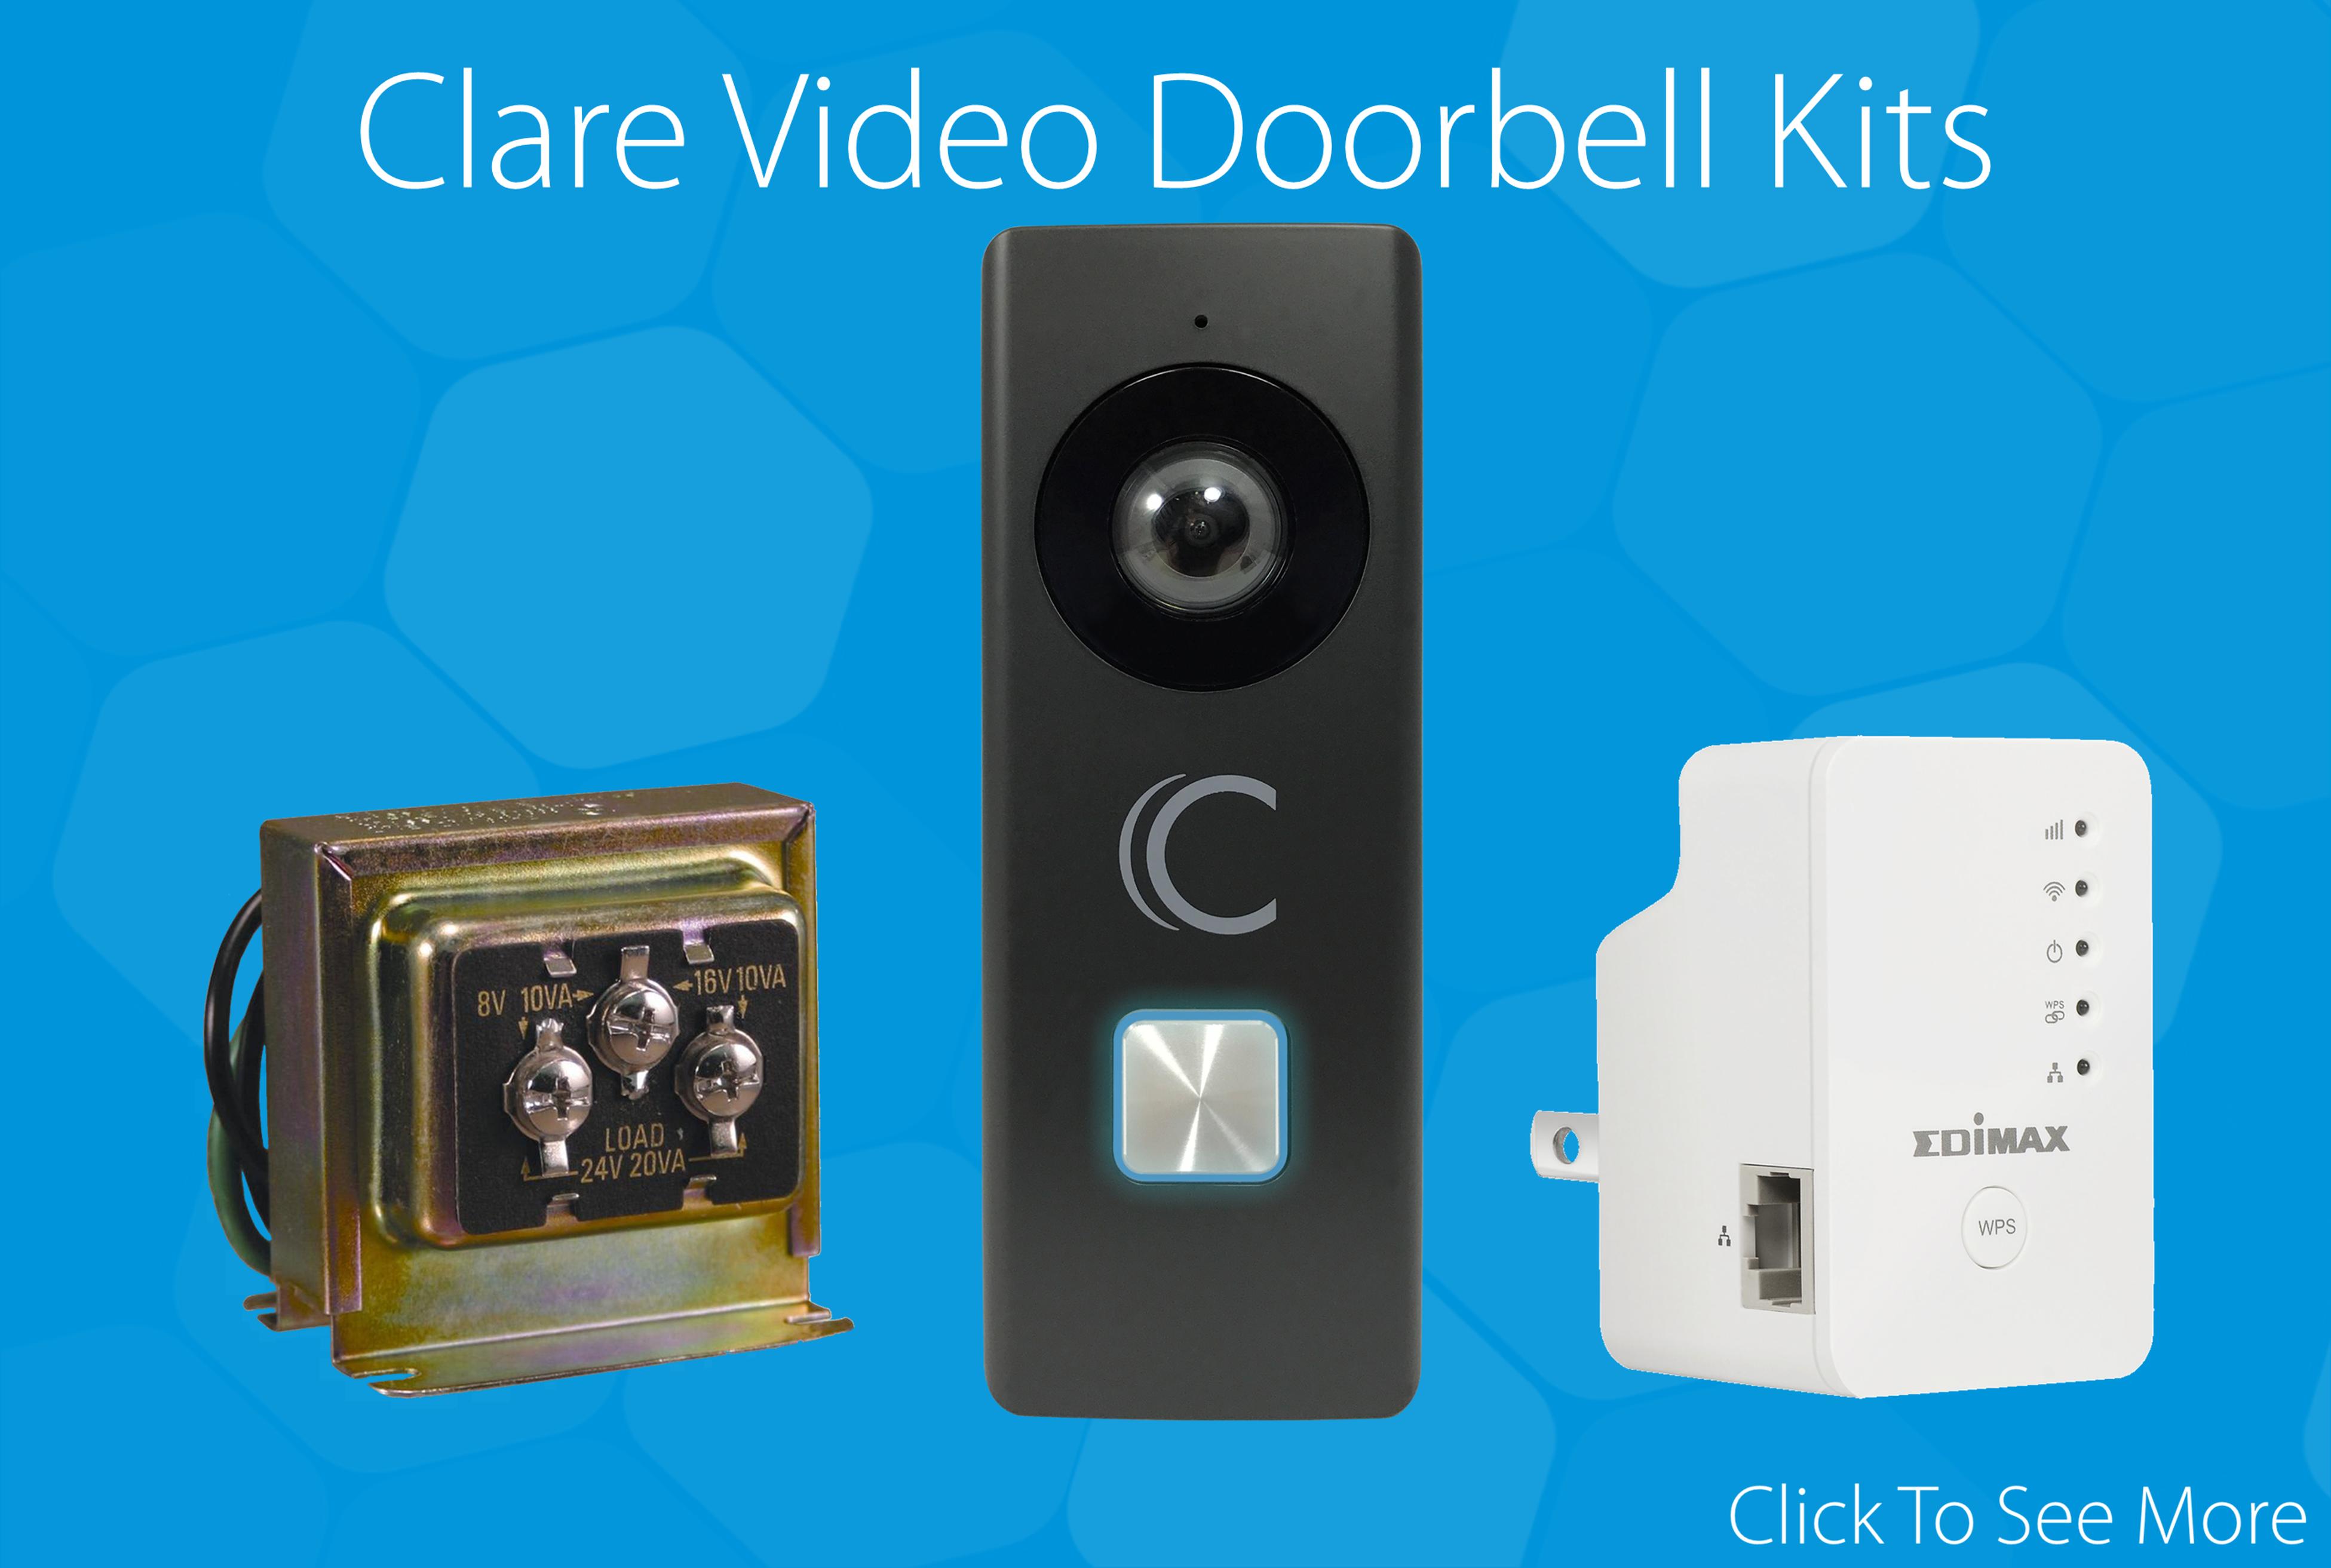 Clare Video Doorbell Kit Announcement